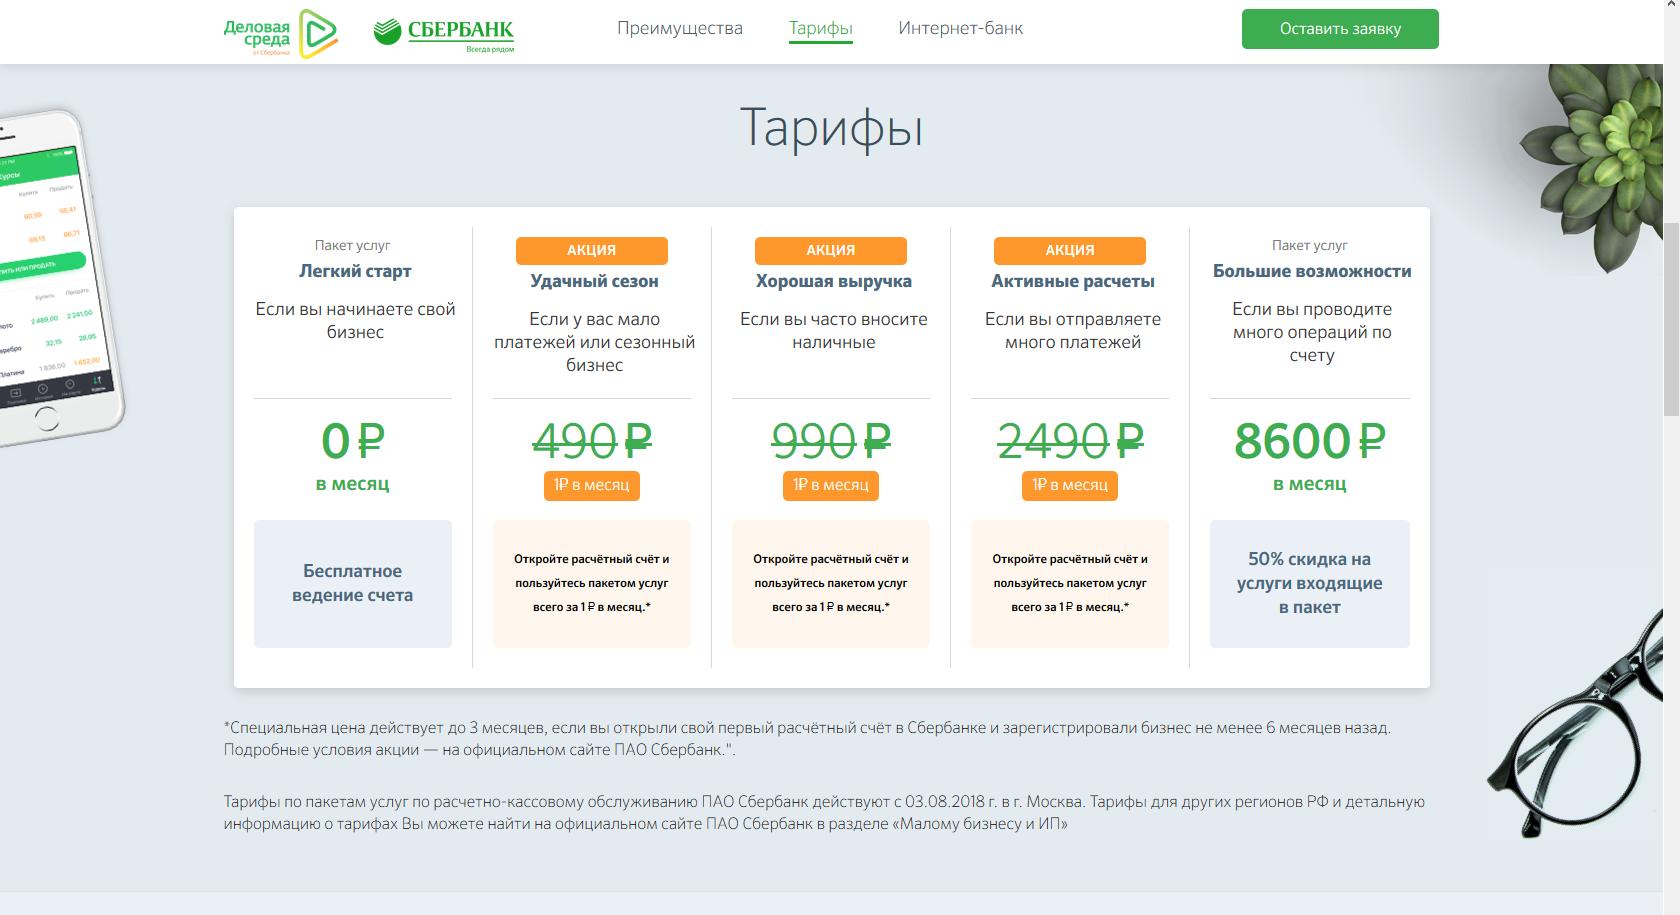 сбербанк россии официальный сайт тарифы для юридических лиц